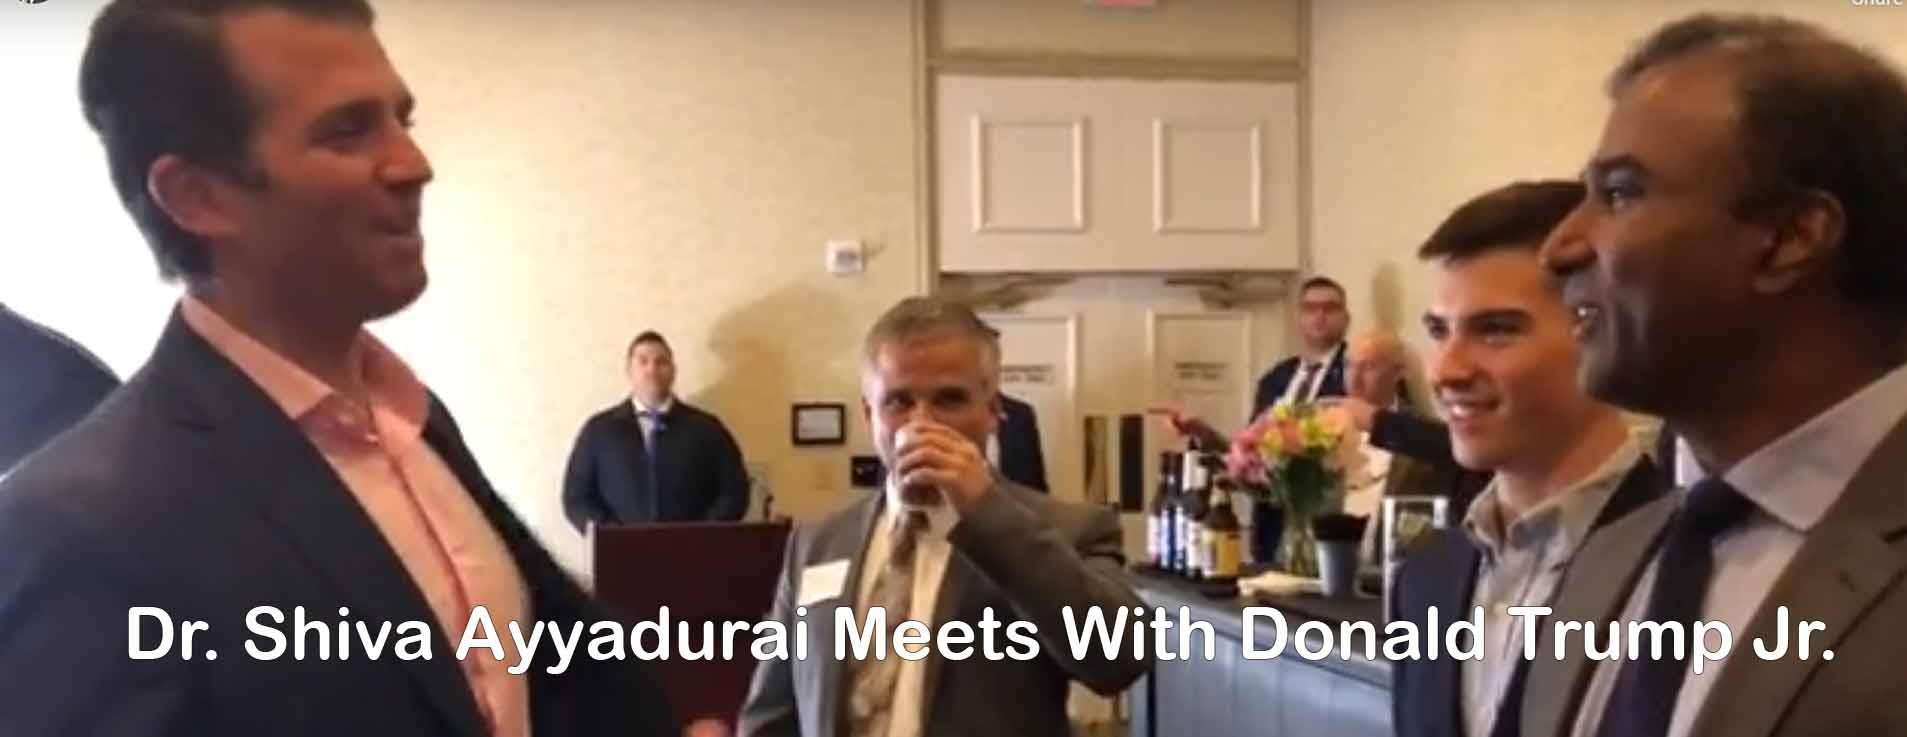 Dr. Shiva Ayyadurai Meets With Donald Trump Jr.